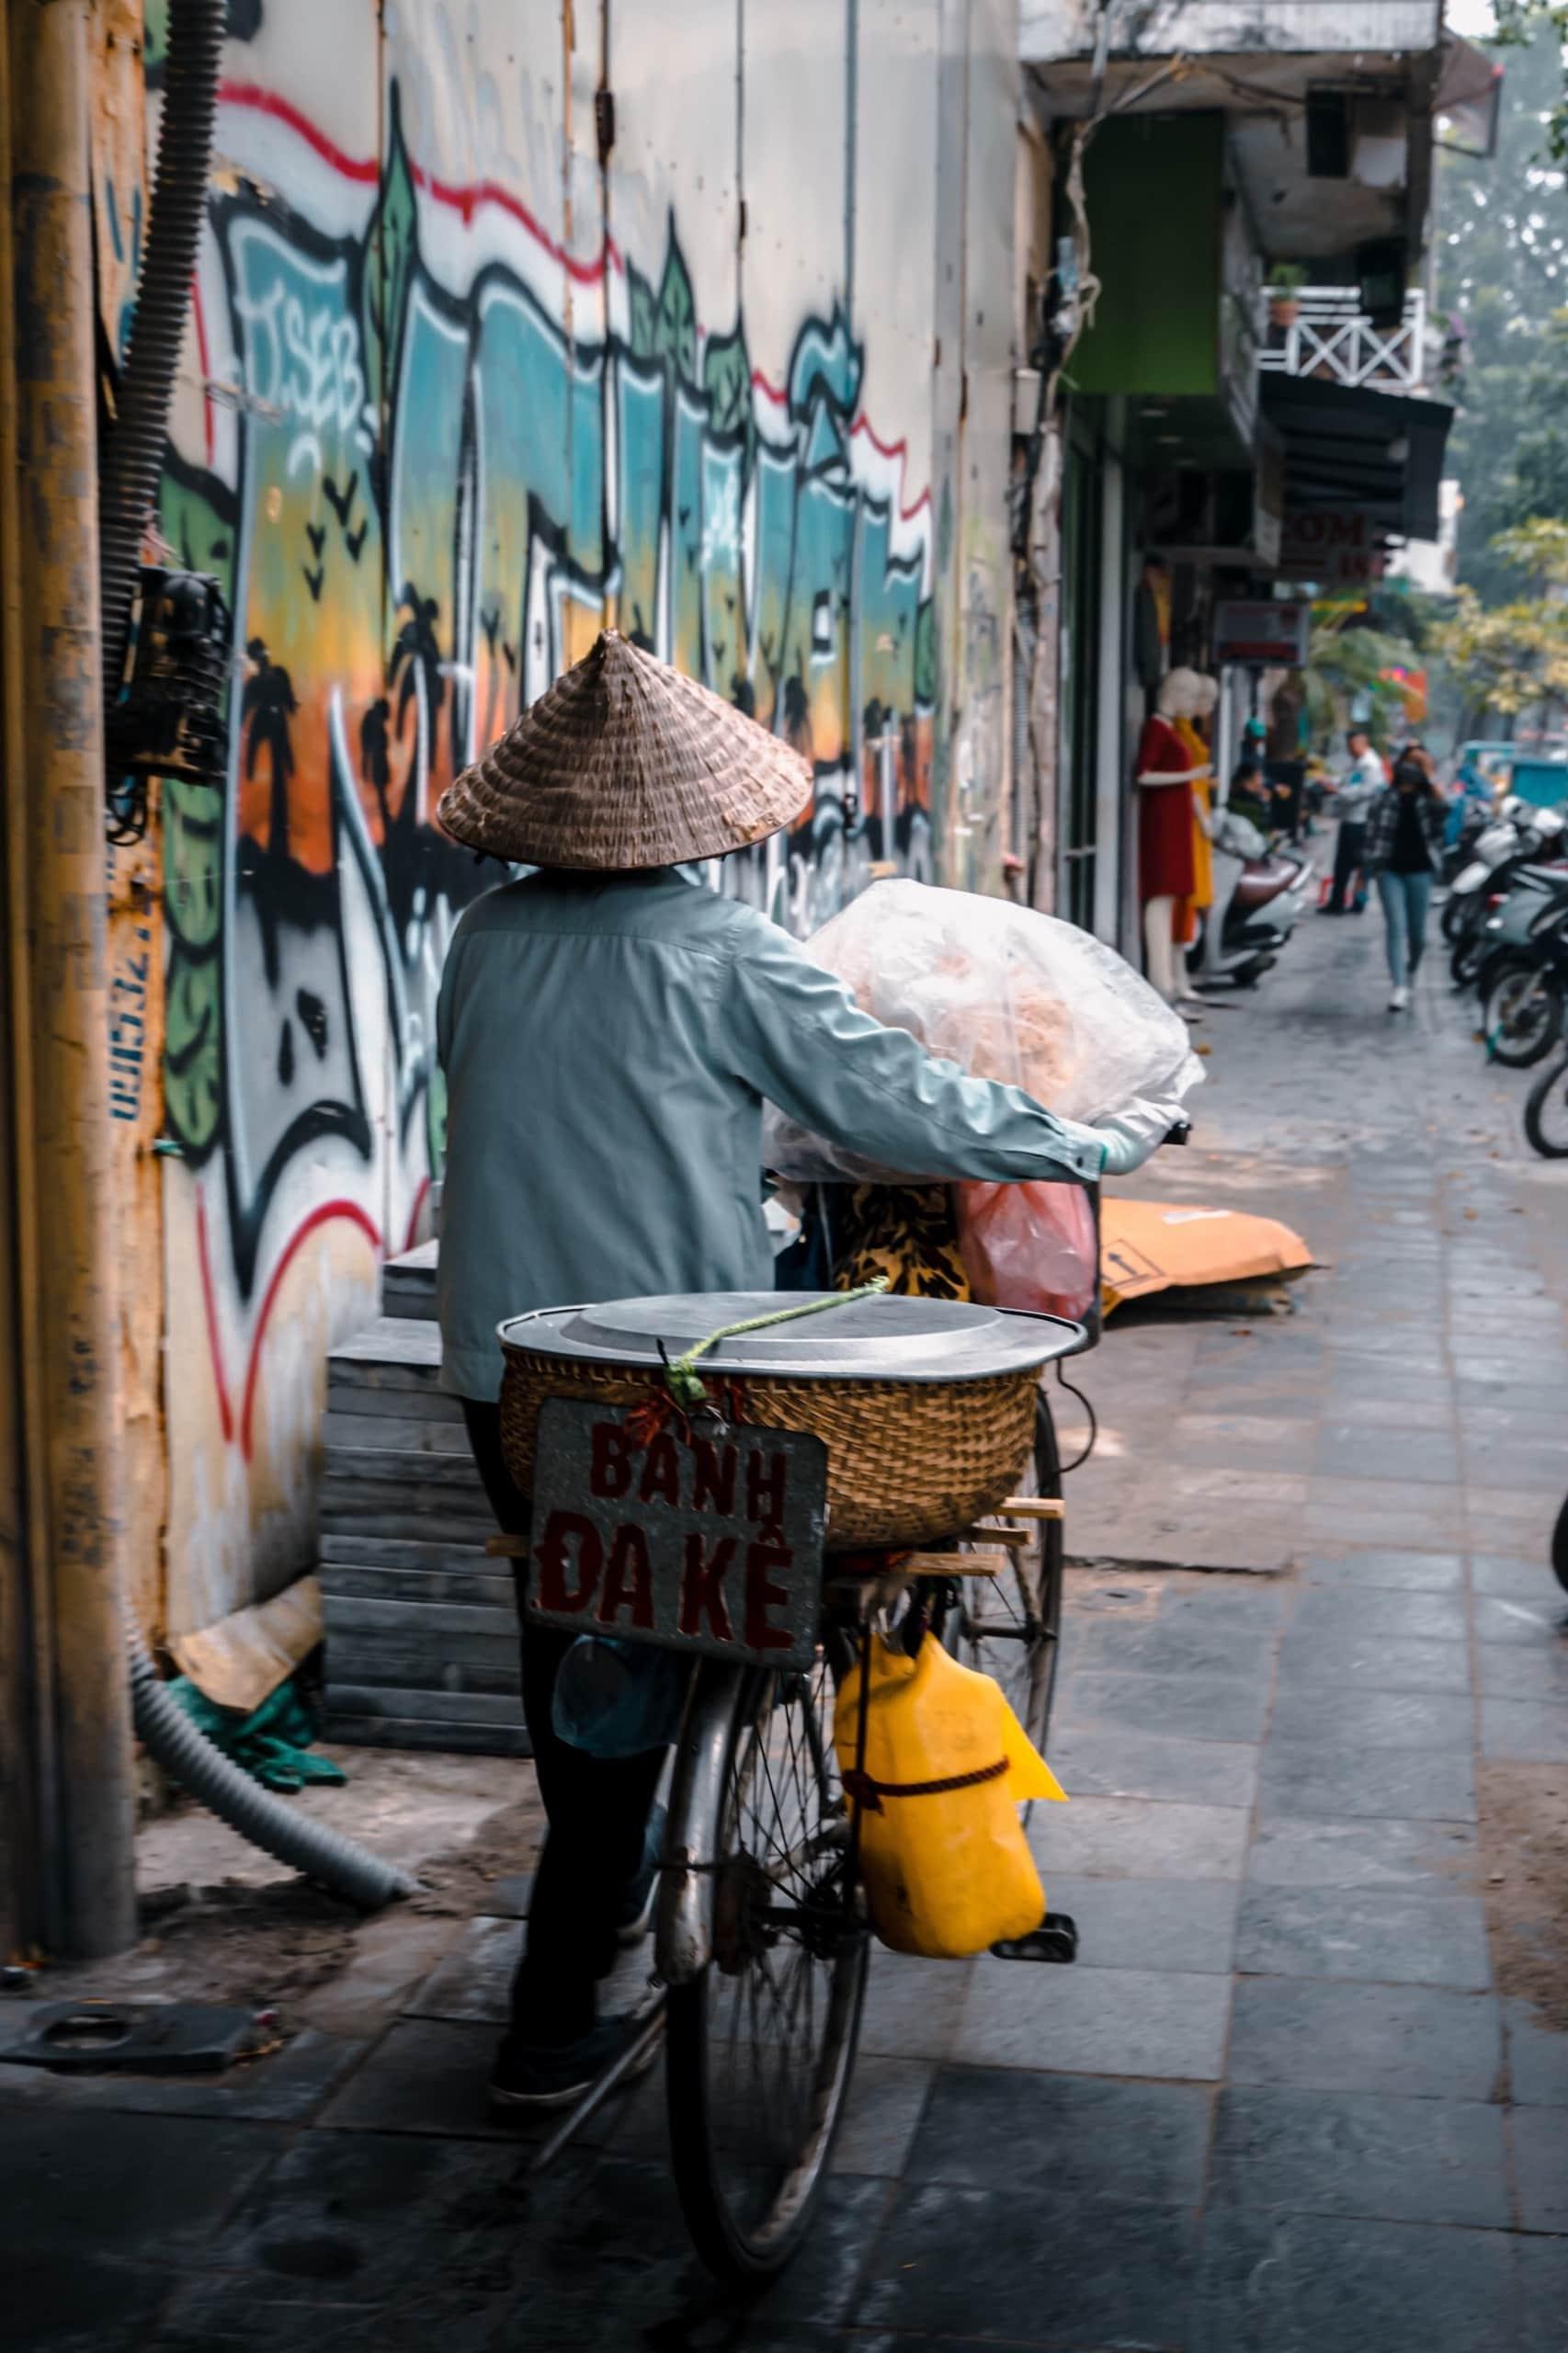 Einheimischer in Hanoi, Vietnam, fährt mit Fahrrad und trägt einen typischen Reishut